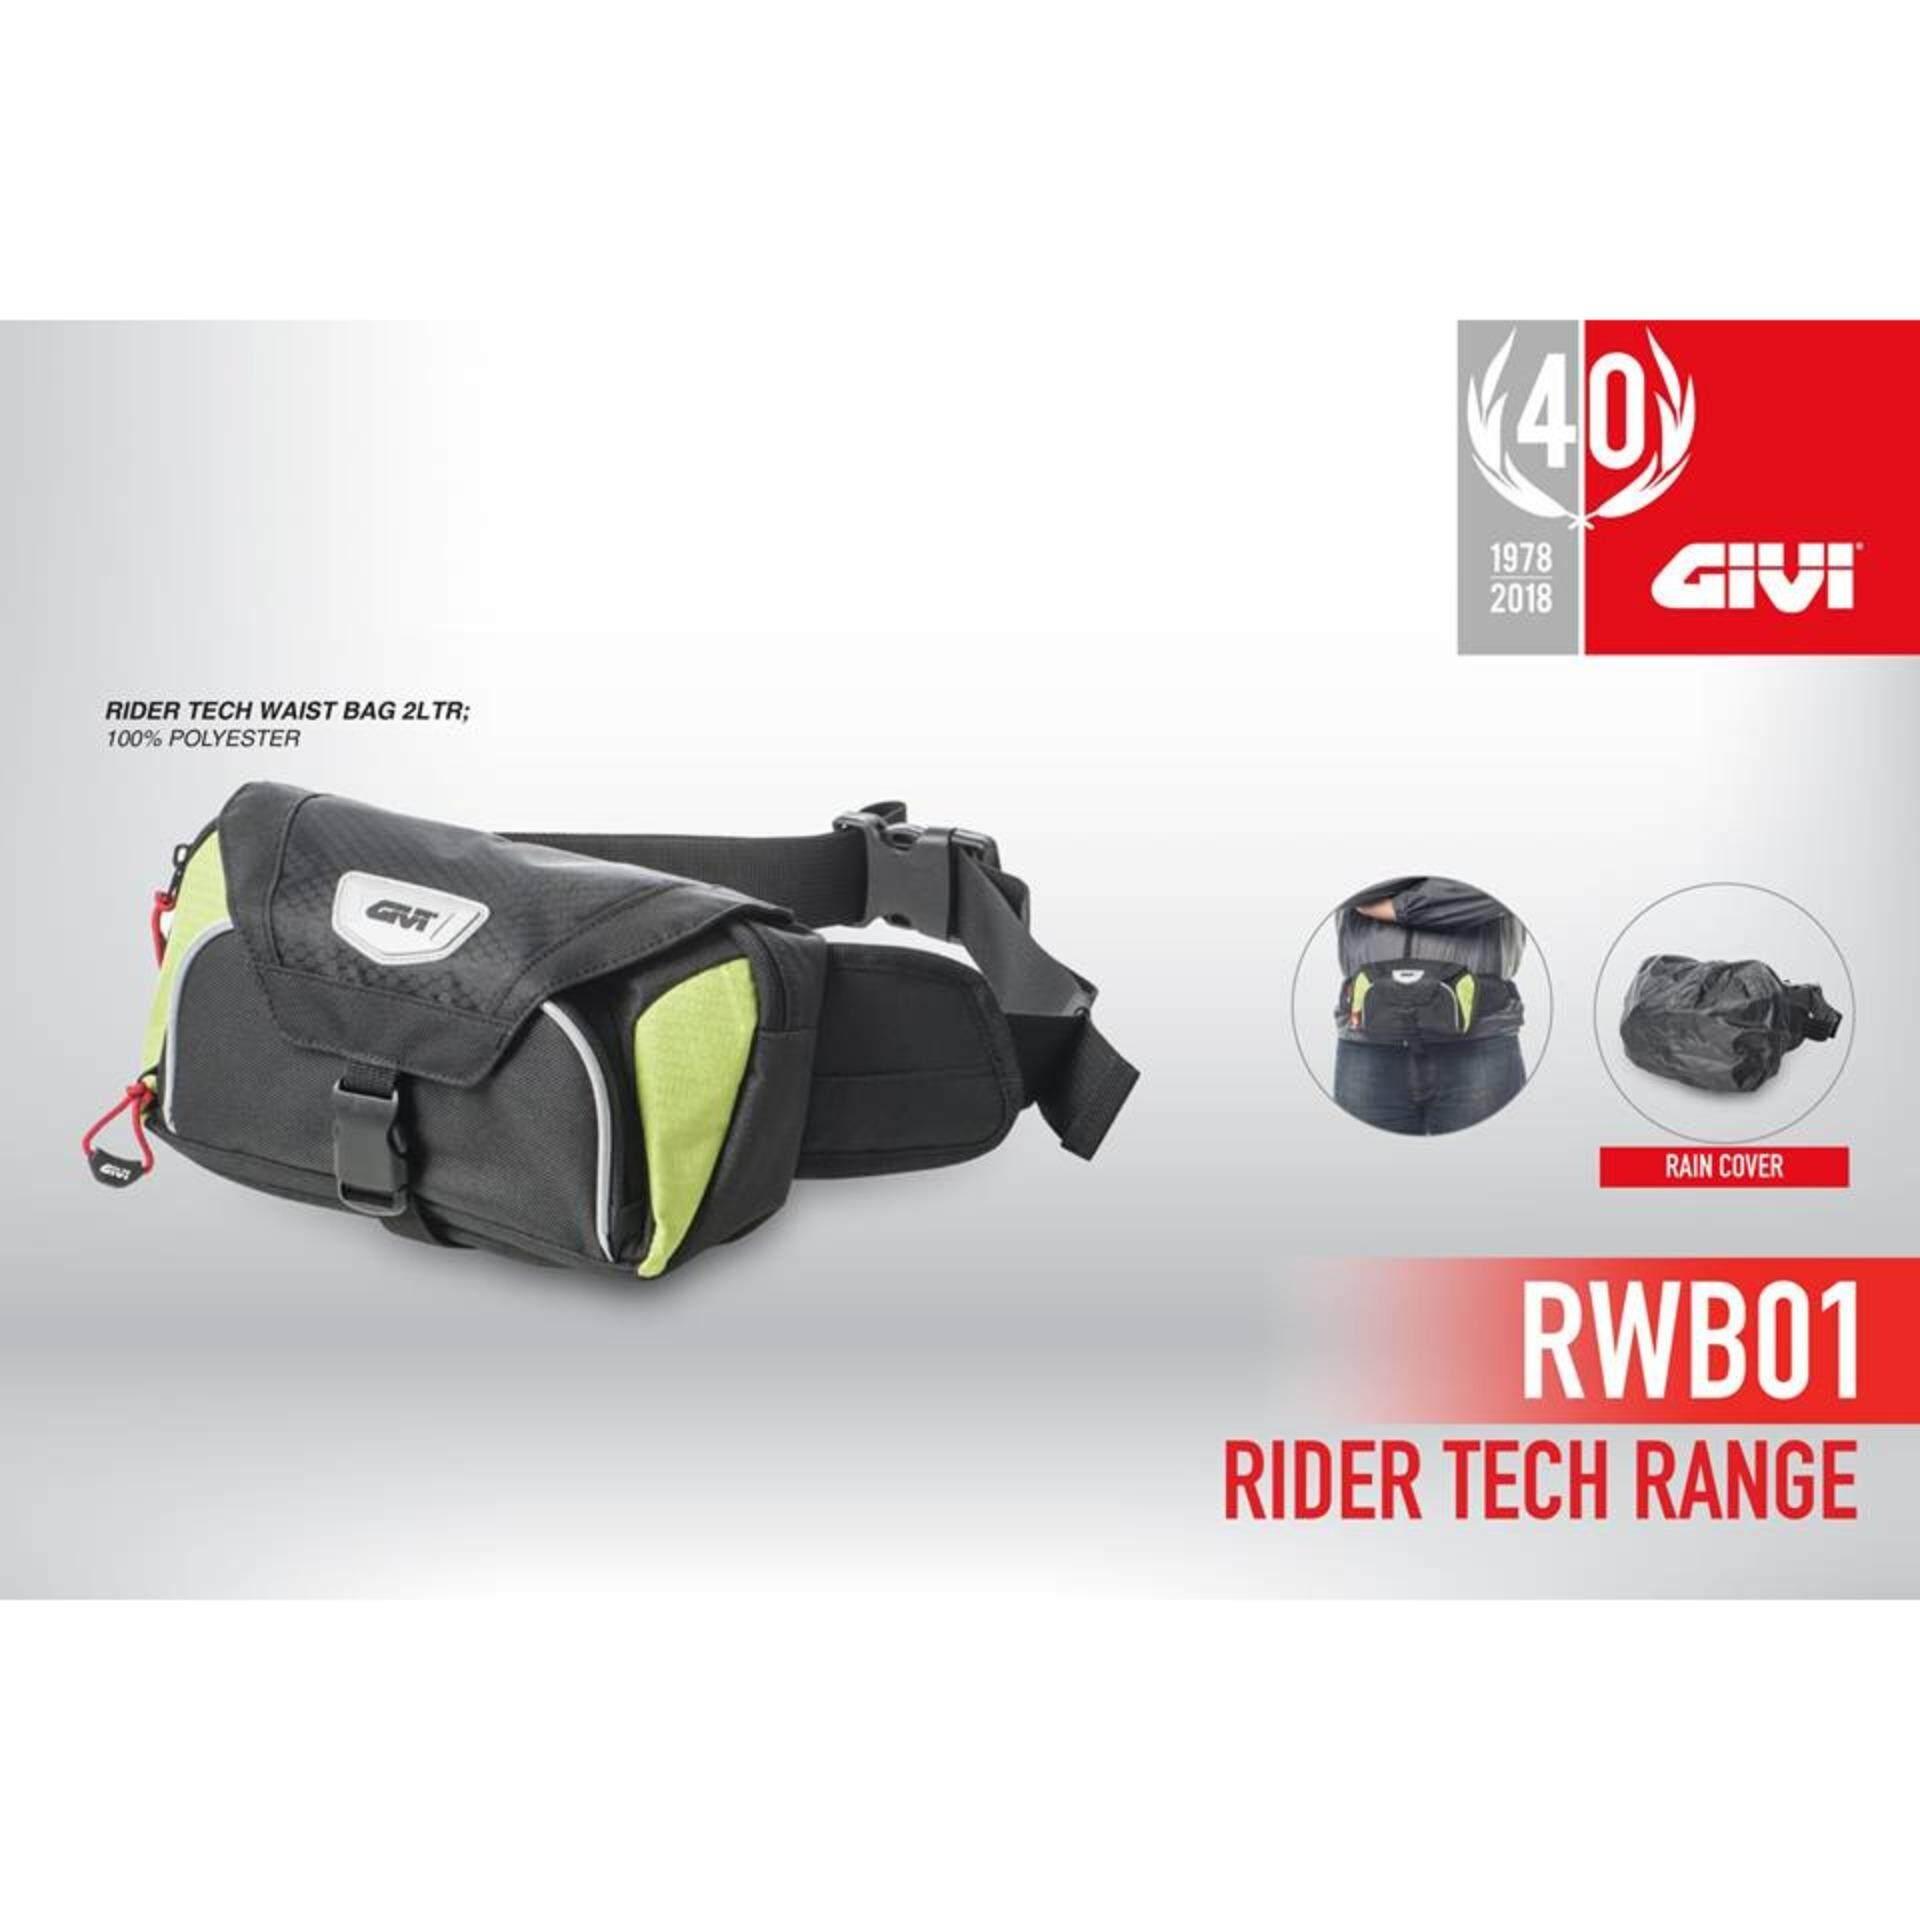 Original Givi Soft Bag RWB01 Rider Tech Waist Bag ( 2 Litre )